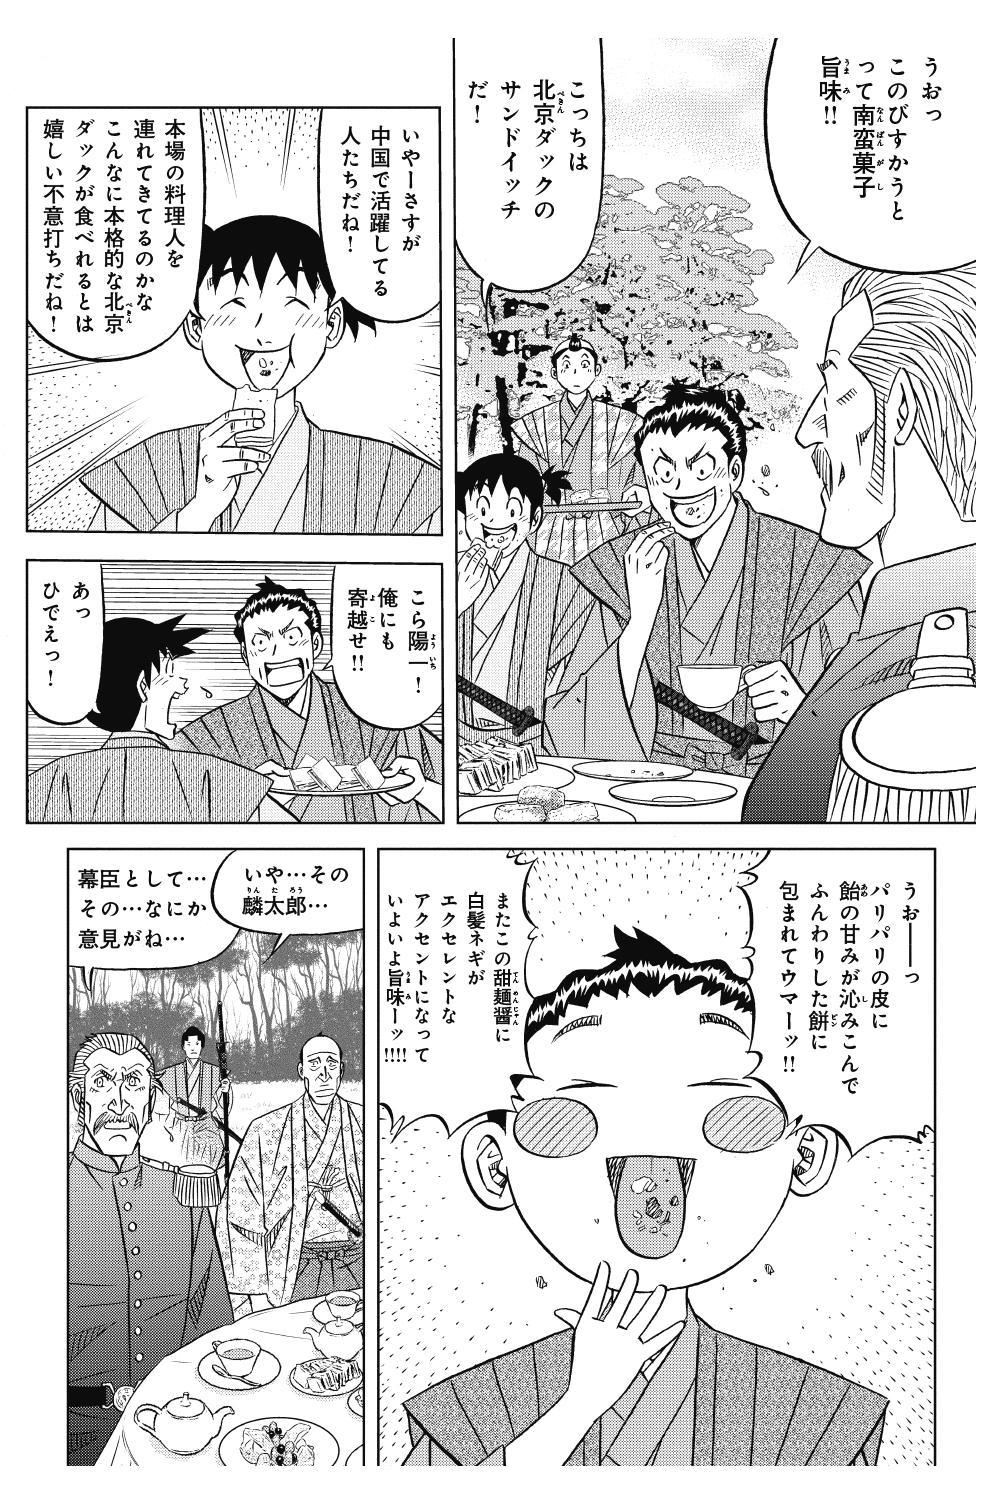 ミスター味っ子 幕末編 第2話「列強襲来」①ajikko2-1-15a.jpg